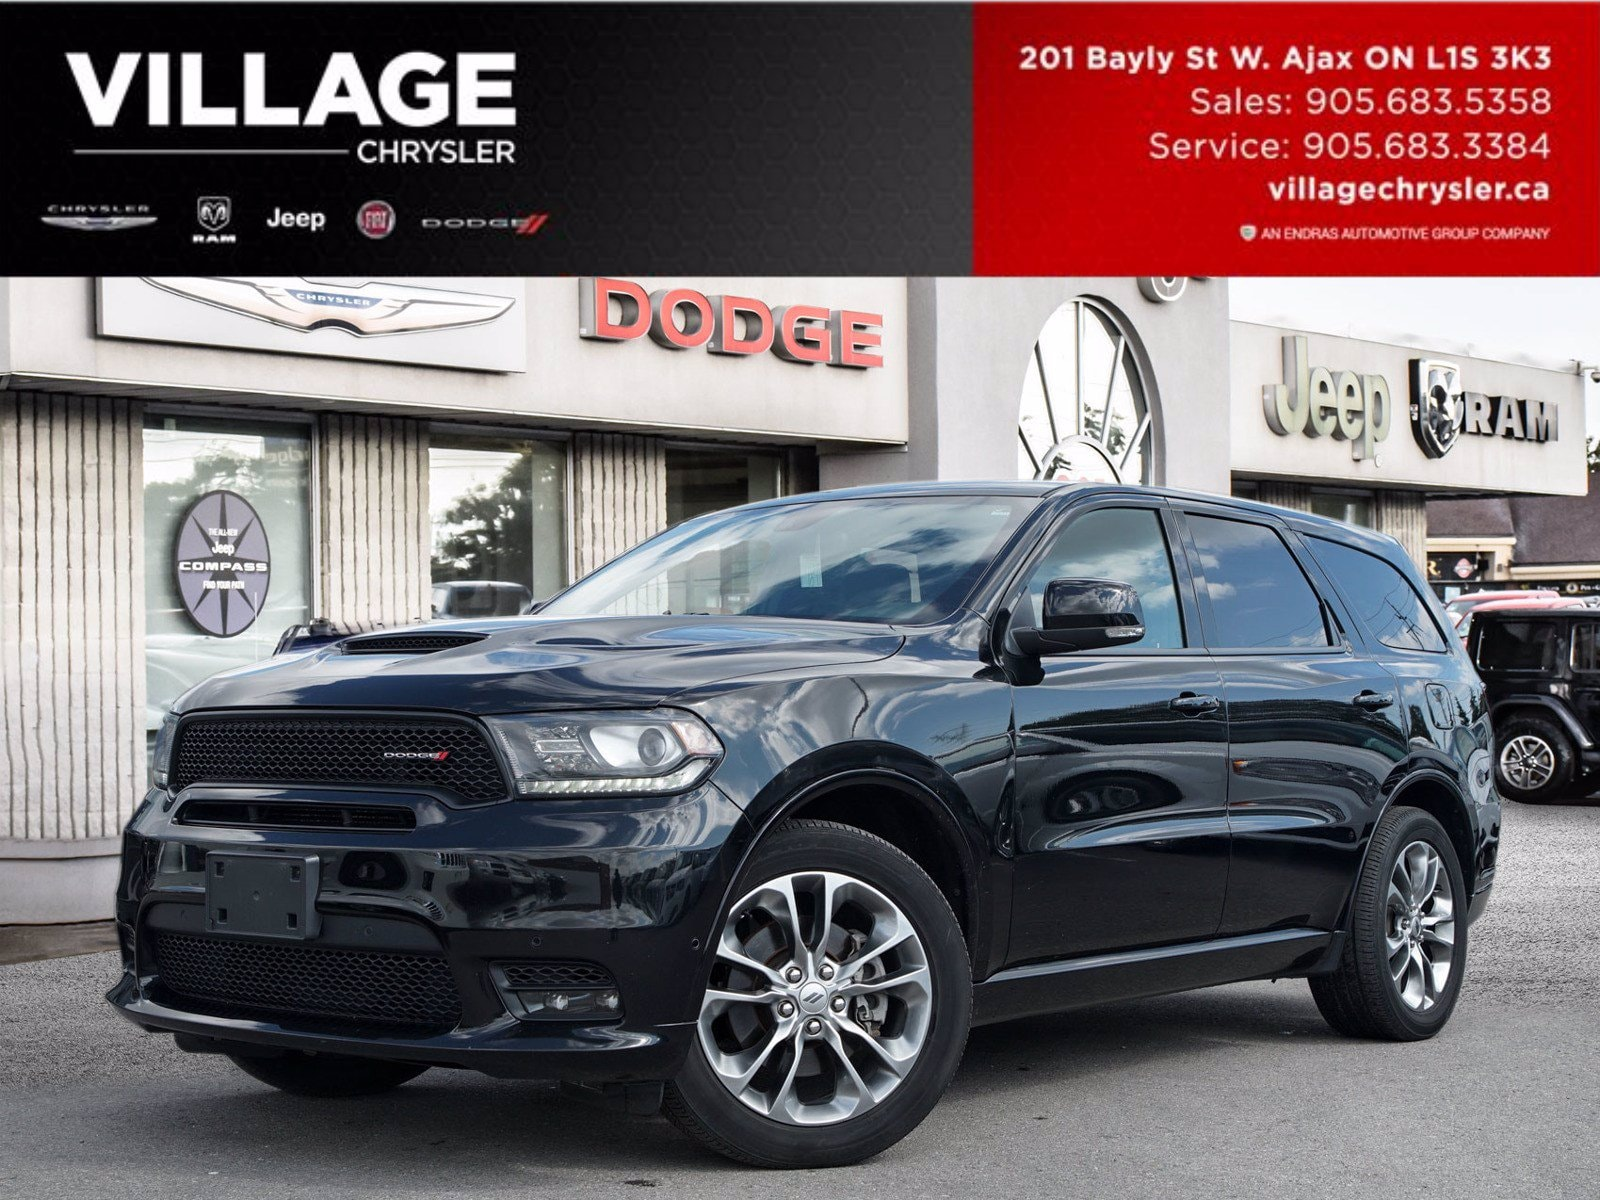 Used 2019 Dodge Durango For Sale At Village Chrysler Dodge Jeep Ram Fiat Vin 1c4sdjct0kc756079